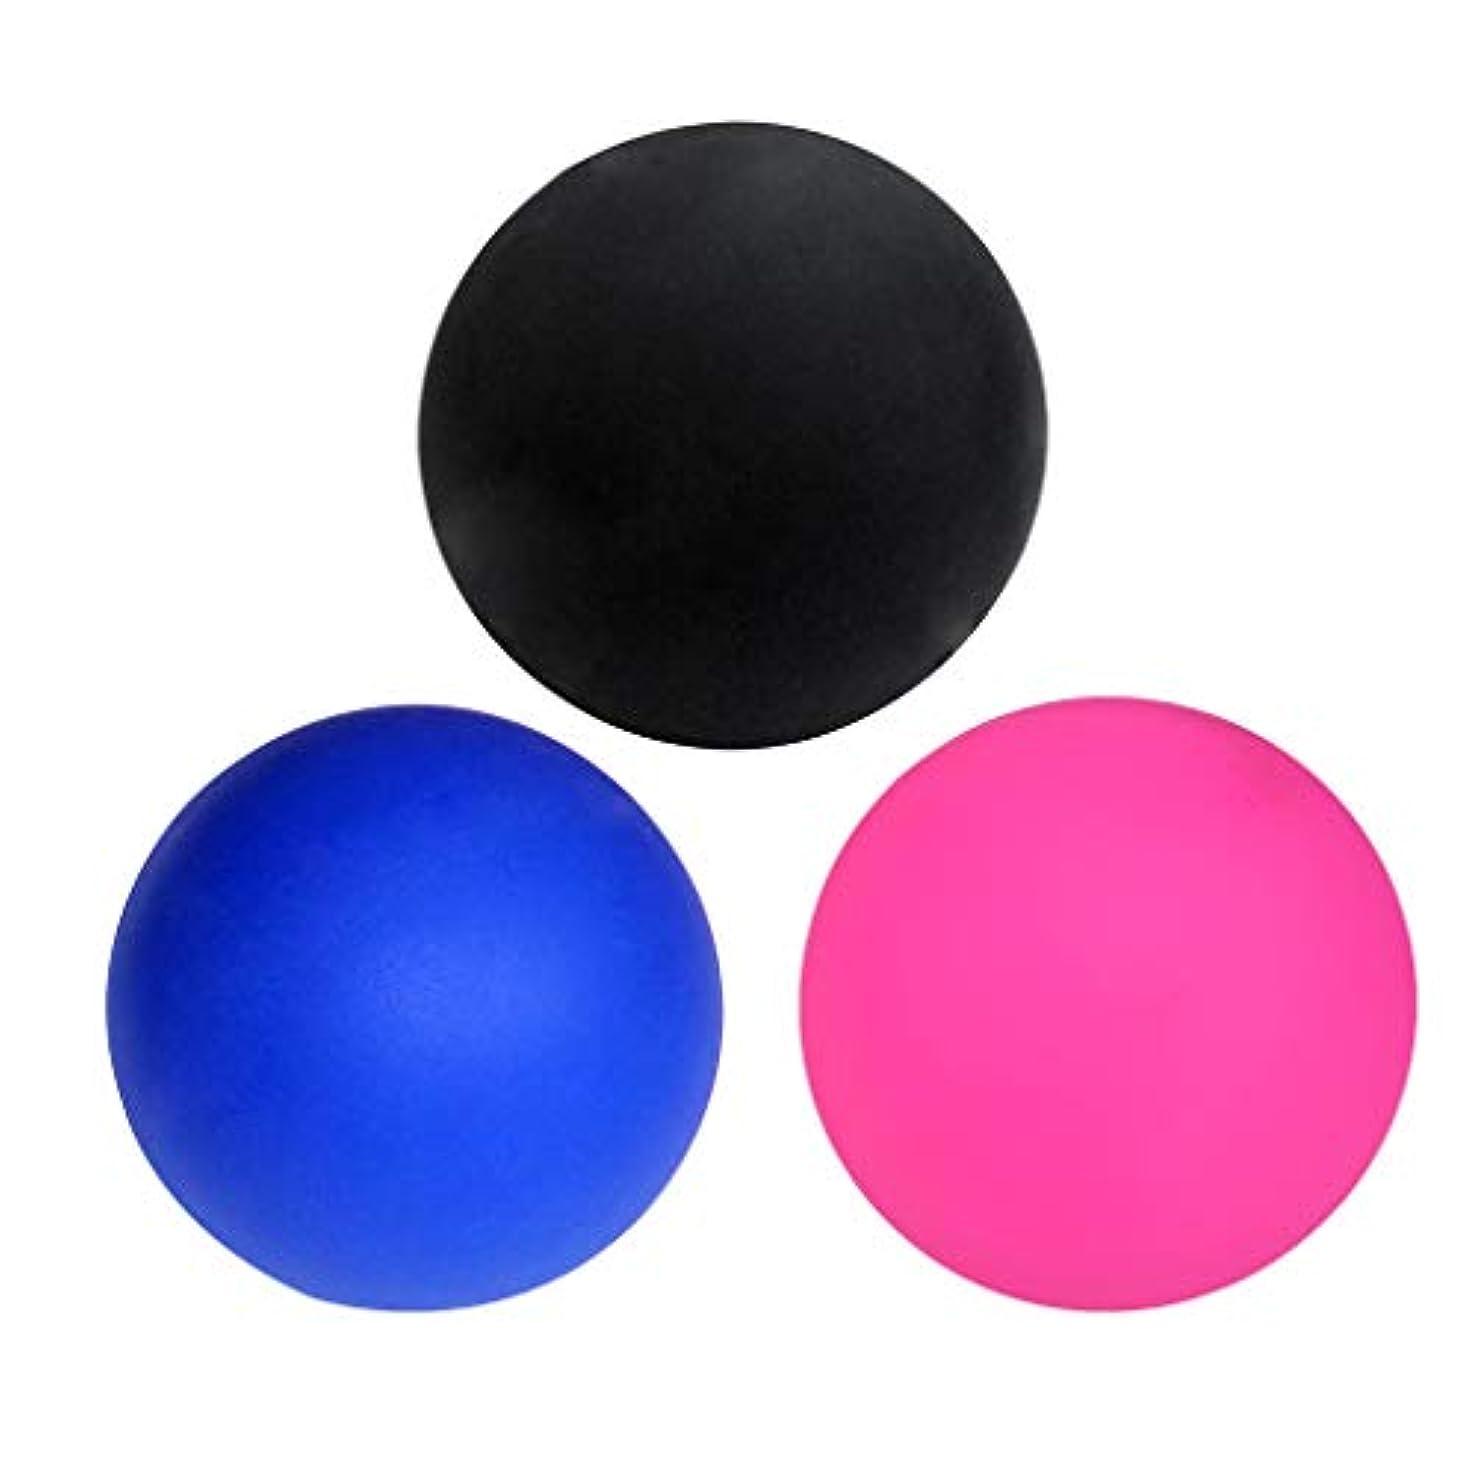 発行マーガレットミッチェル山積みのchiwanji 3個 マッサージボール 筋膜リリース ラクロスボール トリガーポイント 疲れ解消ボール ツボ押しグッズ